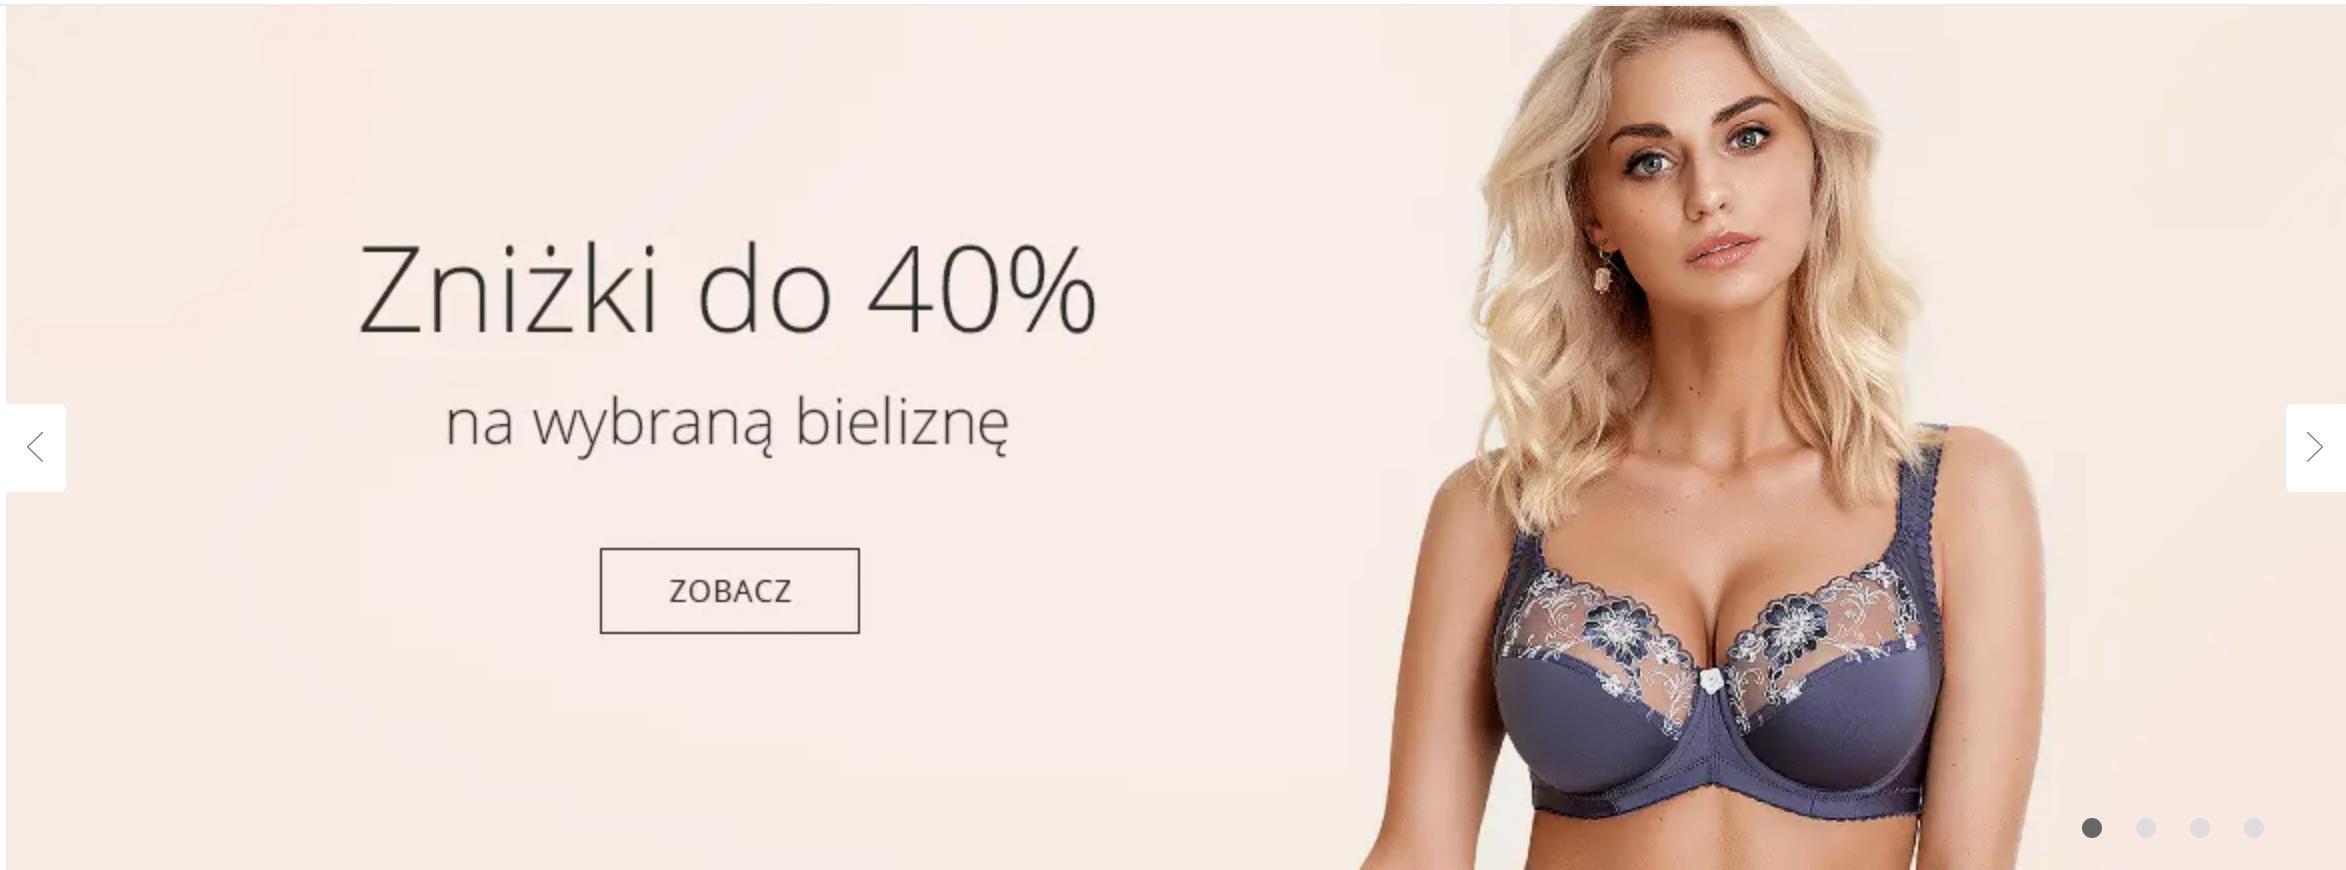 Astratex Astratex: do 40% rabatu na wybraną bieliznę damską, męską i dziecięcą